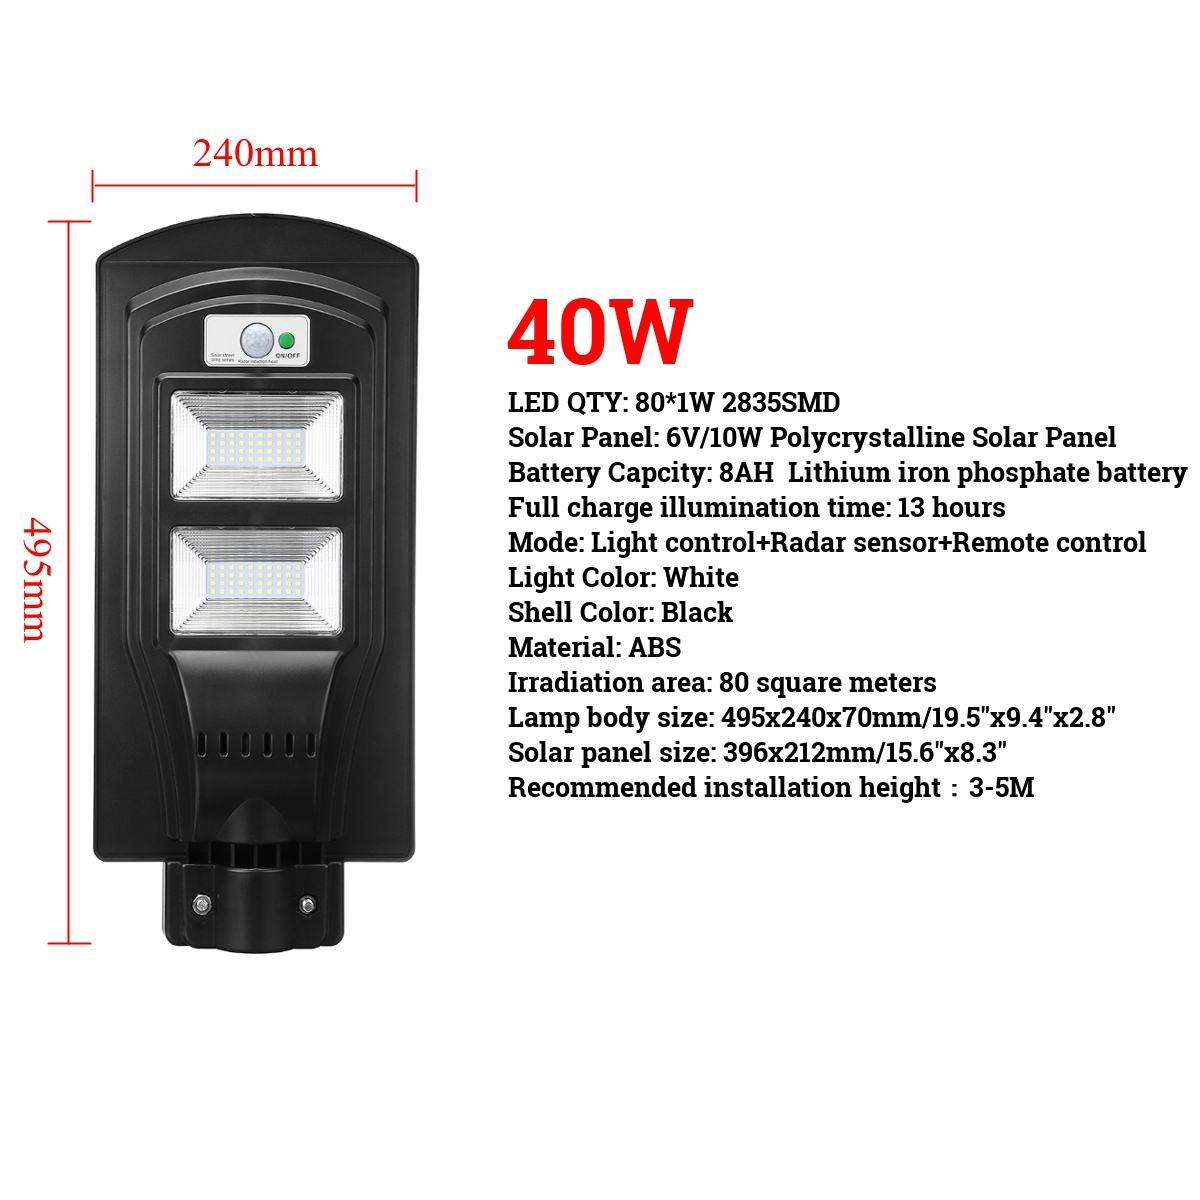 40/60/90 W LED Wand Lampe IP65 Solar Straße Licht Radar motion 2 In 1 Ständig helle & induktion Solar Sensor Fernbedienung